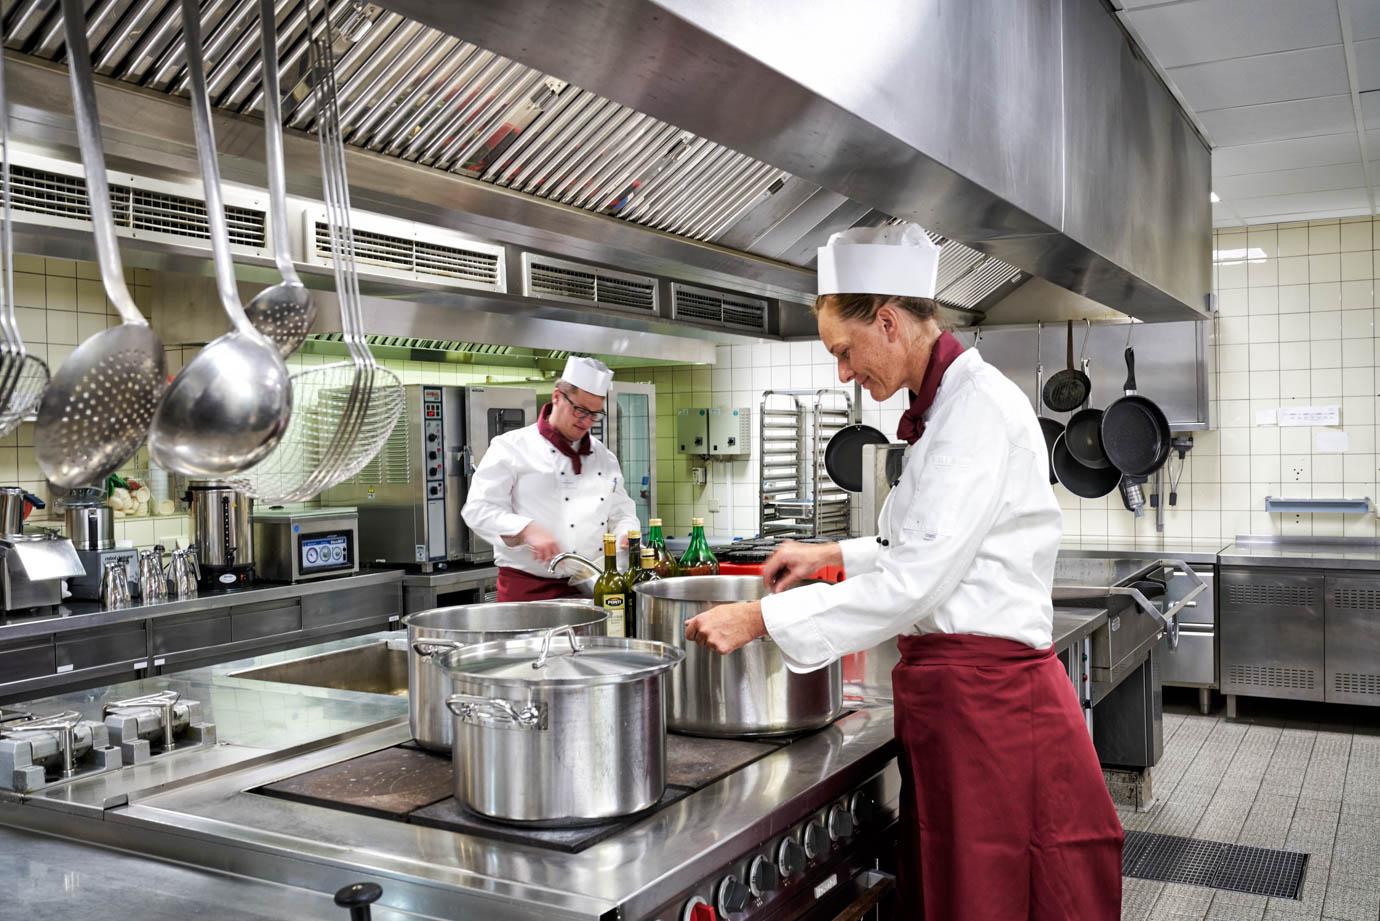 Unser Küchenteam kocht täglich frisch und mit viel Liebe